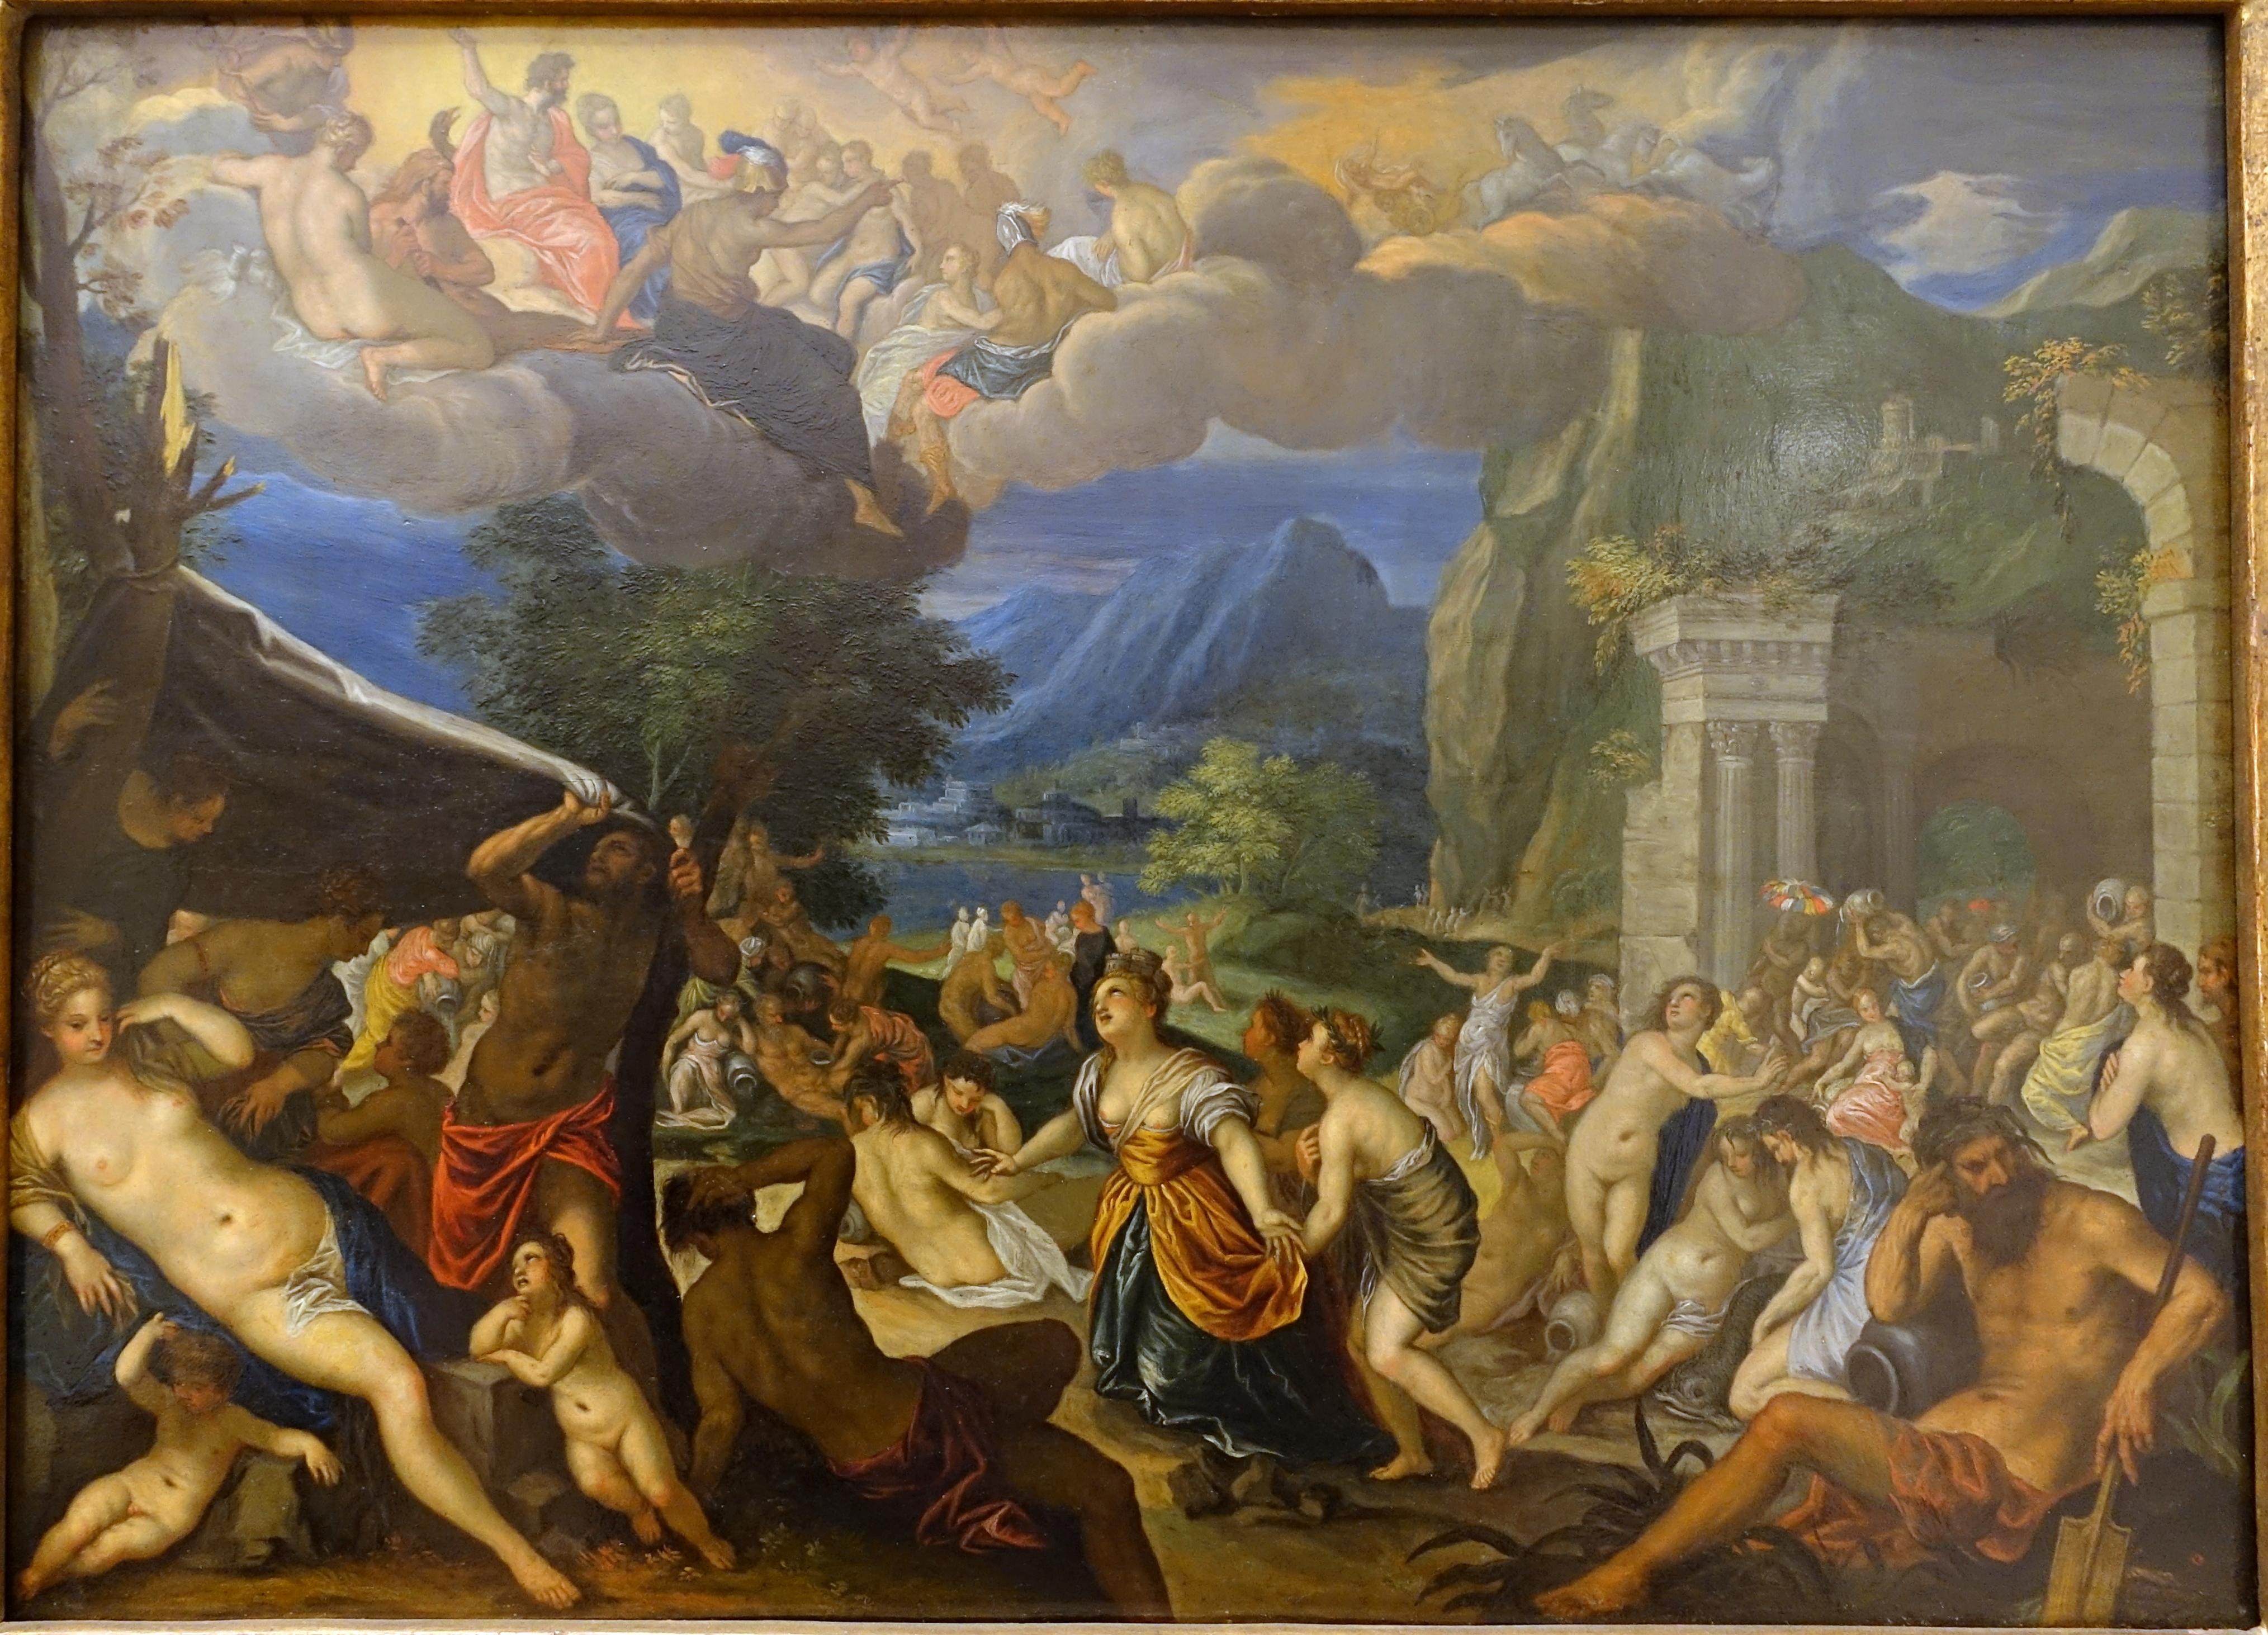 File:The Fall of Phaeton by Johann Rottenhammer, c. 1604, copper -